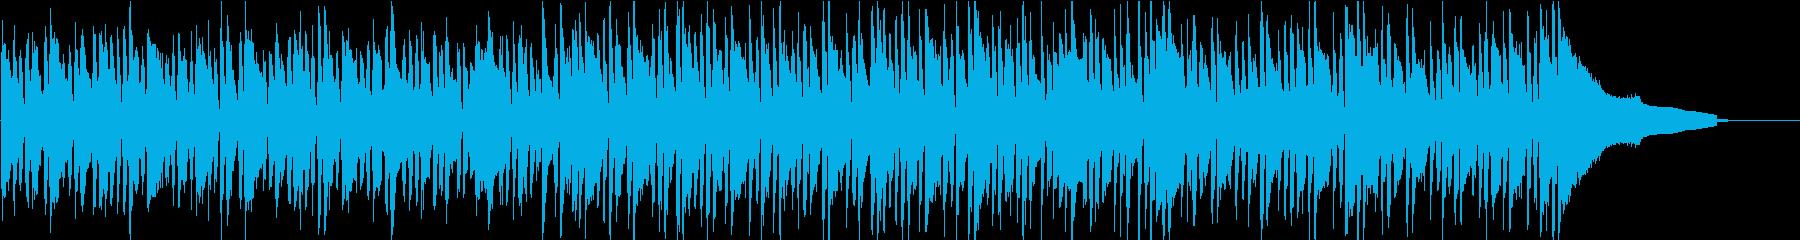 ボサノバ/アコーディオン/のんびり/南国の再生済みの波形